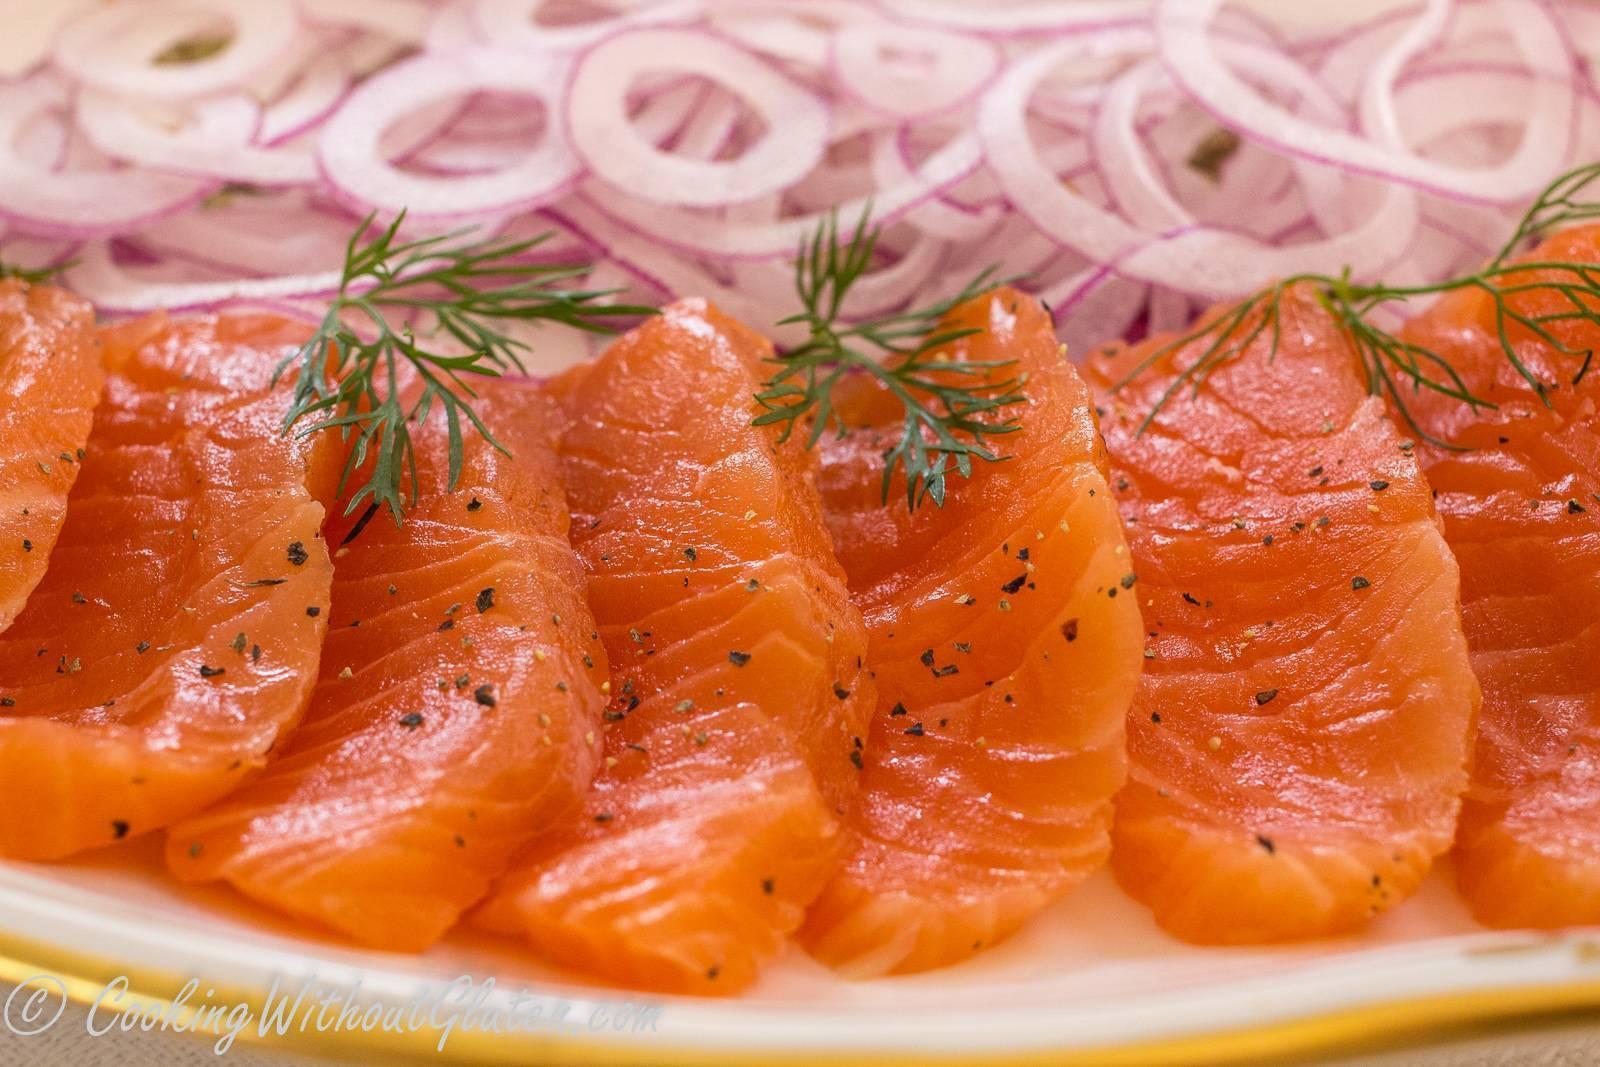 Свойства сардины - полезные и опасные вещества в составе мяса рыбы. 105 фото и видео приготовления сардин